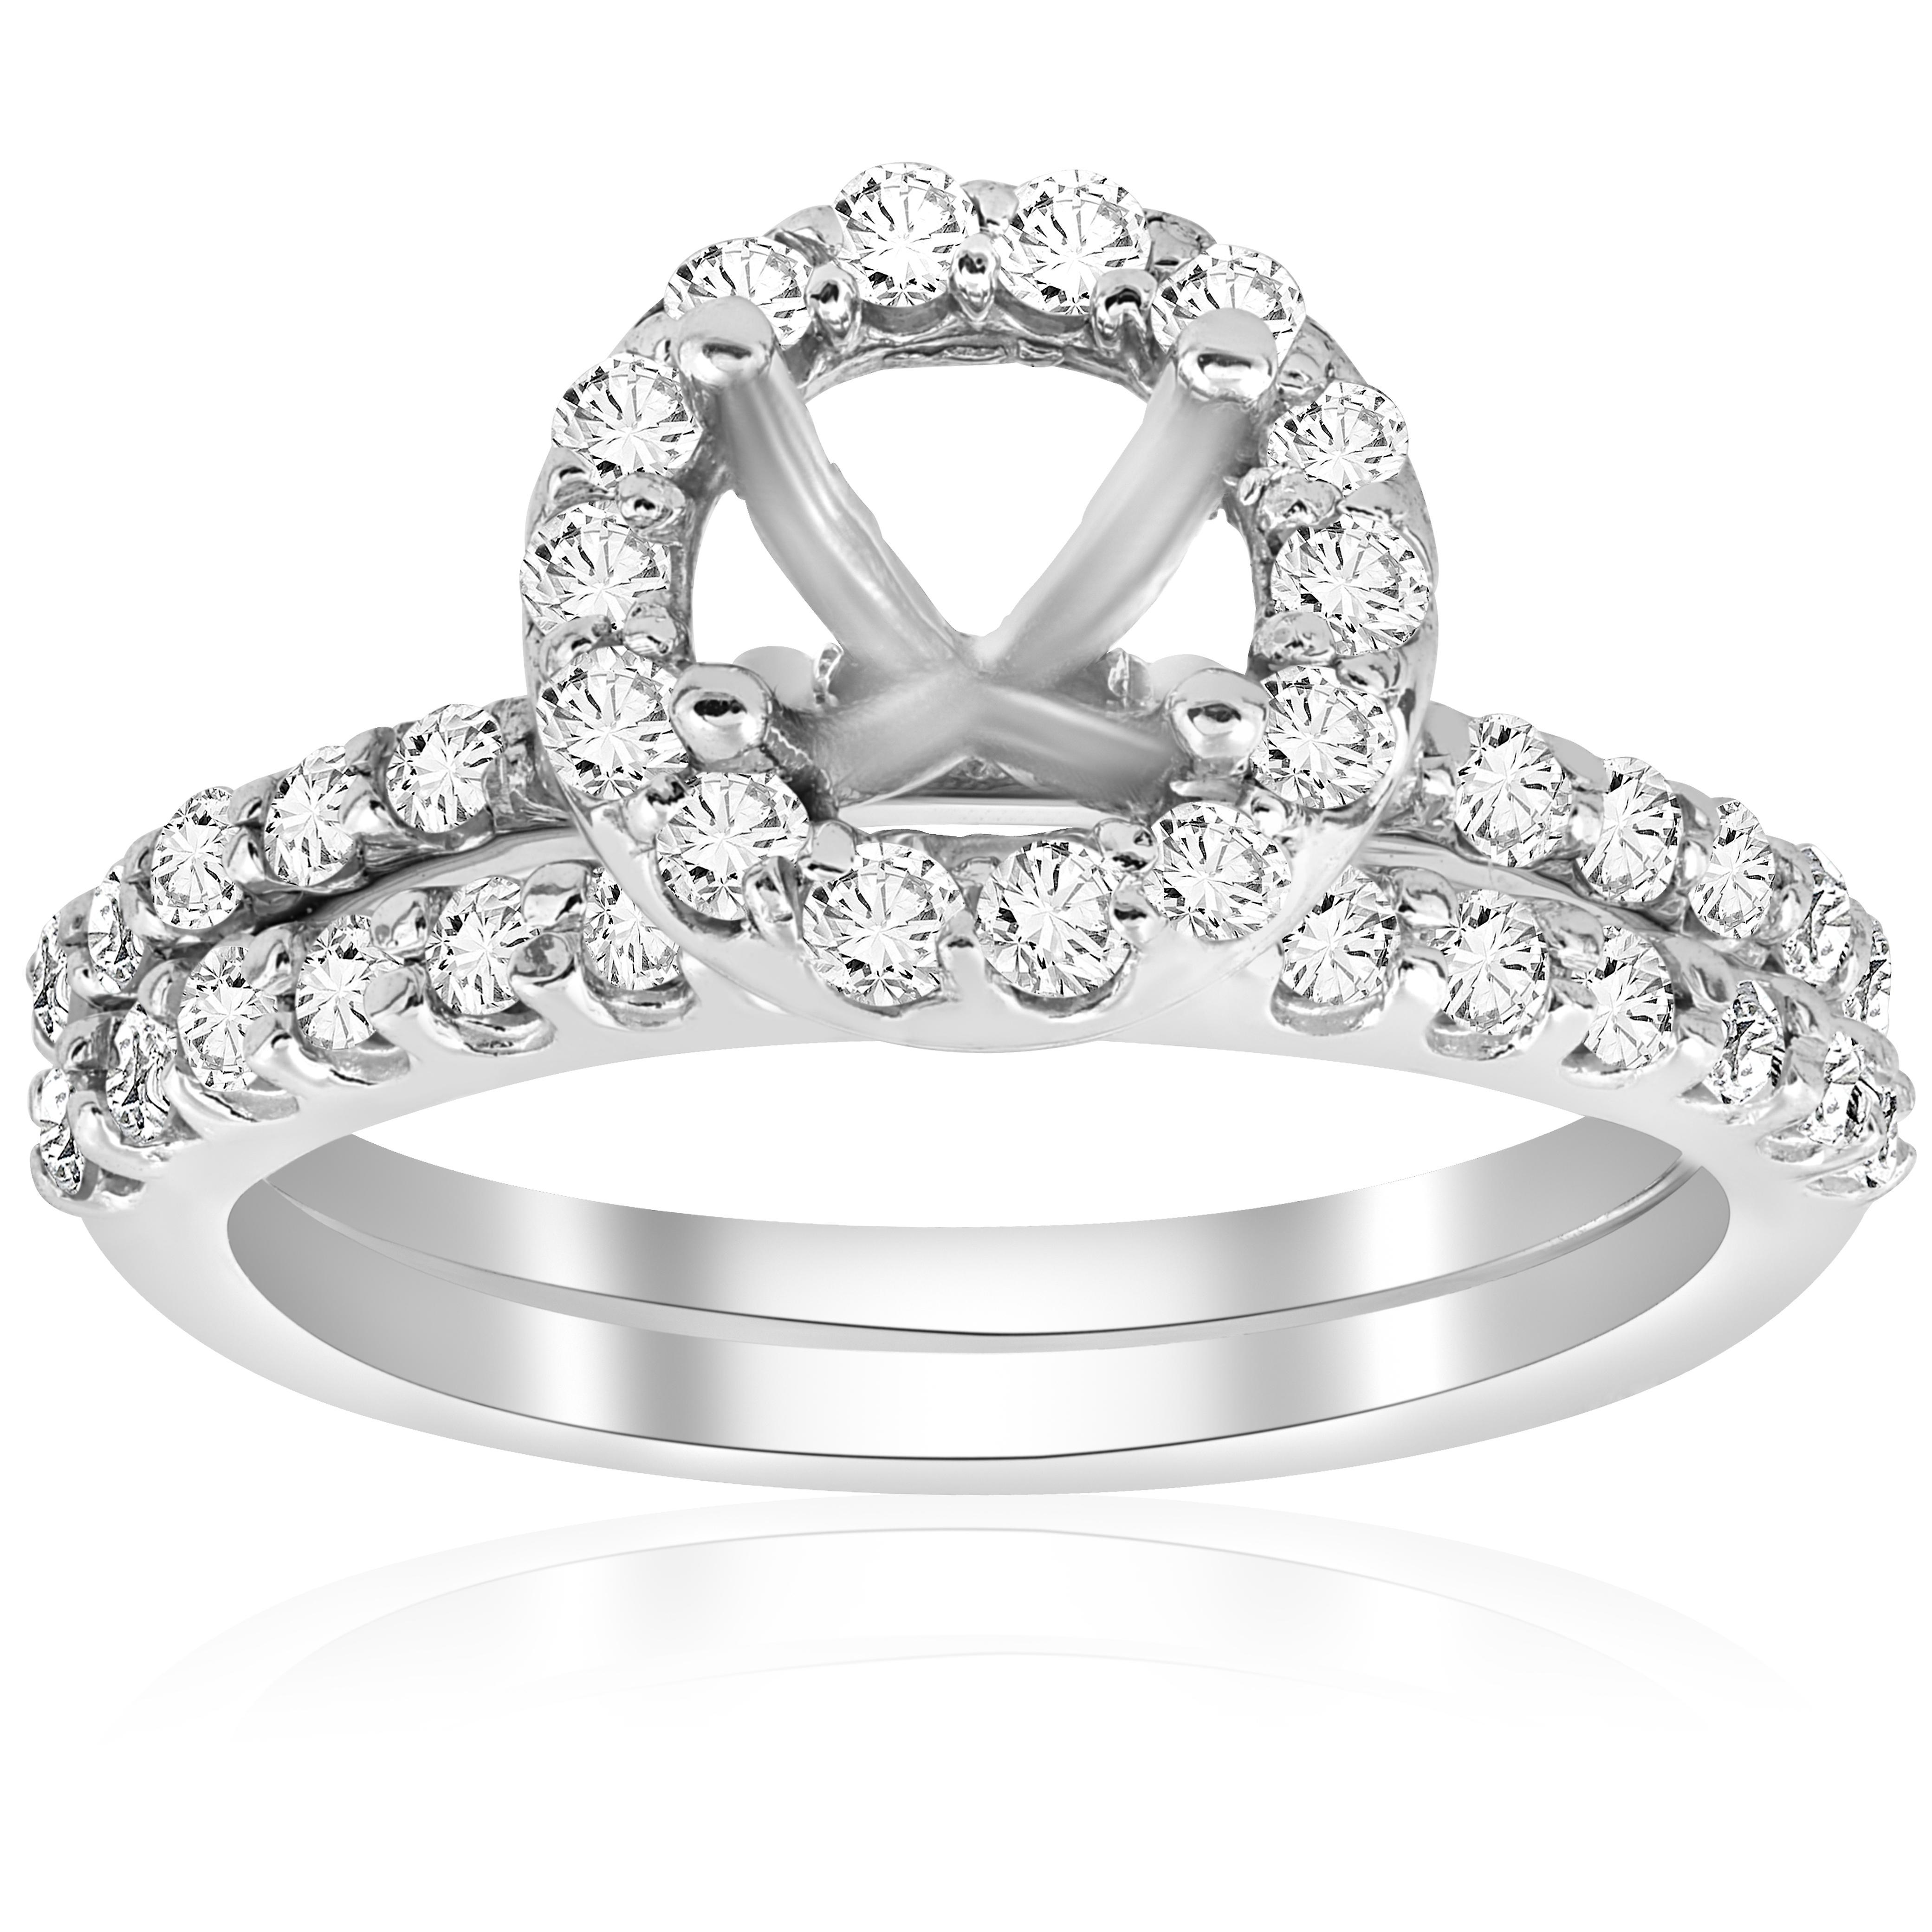 7 8ct Diamond Engagement Wedding Ring Setting 14K blanc or Mounting